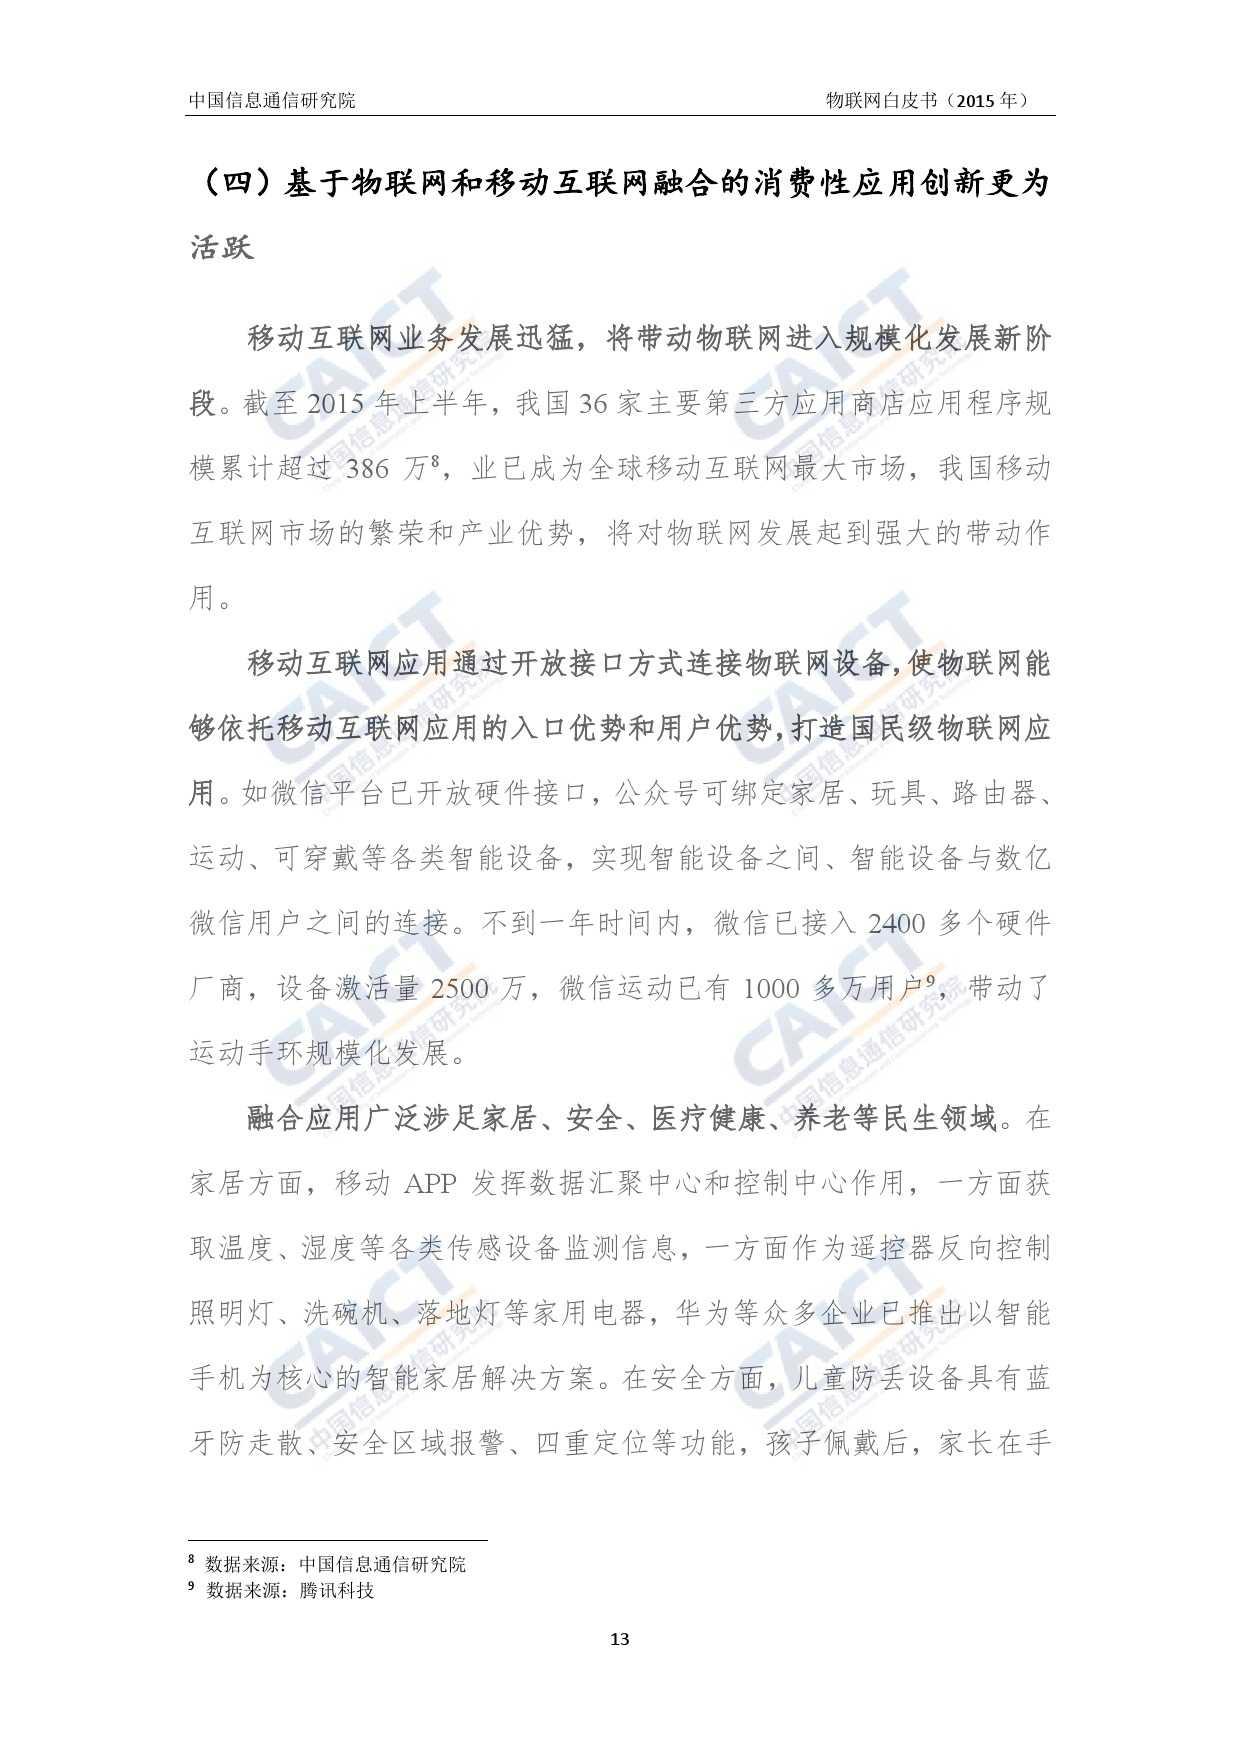 中国信息通信研究院:2015年物联网白皮书_000017